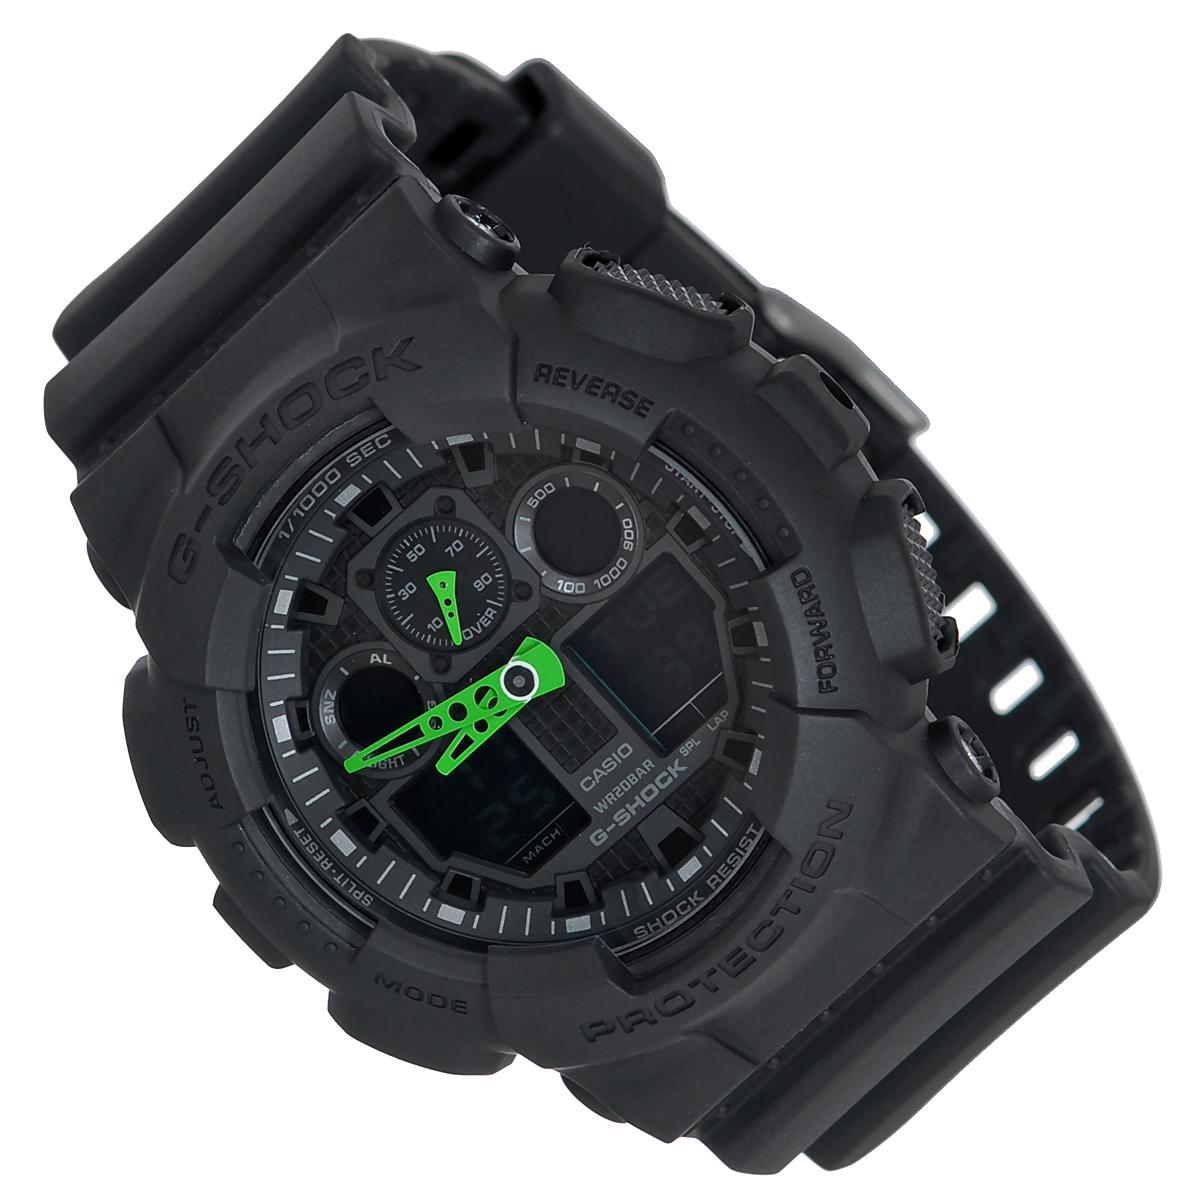 Часы мужские наручные Casio G-Shock, цвет: черный. GA-100C-1A3140_007Стильные часы G-Shock от японского брэнда Casio - это яркий функциональный аксессуар для современных людей, которые стремятся выделиться из толпы и подчеркнуть свою индивидуальность. Часы выполнены в спортивном стиле. Корпус имеет ударопрочную конструкцию, защищающую механизм от ударов и вибрации. Циферблат подсвечивается светодиодной автоматической подсветкой. Функция автоподсветки освещает циферблат при повороте часов к лицу. Ремешок из мягкого пластика имеет классическую застежку.Основные функции: -5 будильников, один с функцией Snooze, ежечасный сигнал; -автоматический календарь (число, месяц, день недели, год); -сплит-хронограф; -измерение скорости и расстояния; -секундомер с точностью показаний 1/1000 с, время измерения 100 часов; -12-ти и 24-х часовой формат времени; -таймер обратного отсчета от 1 мин до 24 ч с автоповтором; -мировое время.Часы упакованы в фирменную коробку с логотипом Casio. Такой аксессуар добавит вашему образу стиля и подчеркнет безупречный вкус своего владельца.Характеристики: Диаметр циферблата: 3,6 см.Размер корпуса: 5,5 см х 5,1 см х 1,7 см.Длина ремешка (с корпусом): 25 см.Ширина ремешка: 2,2 см. STAINLESS STELL BACK JAPAN MOVT EL CASED IN CHINA.